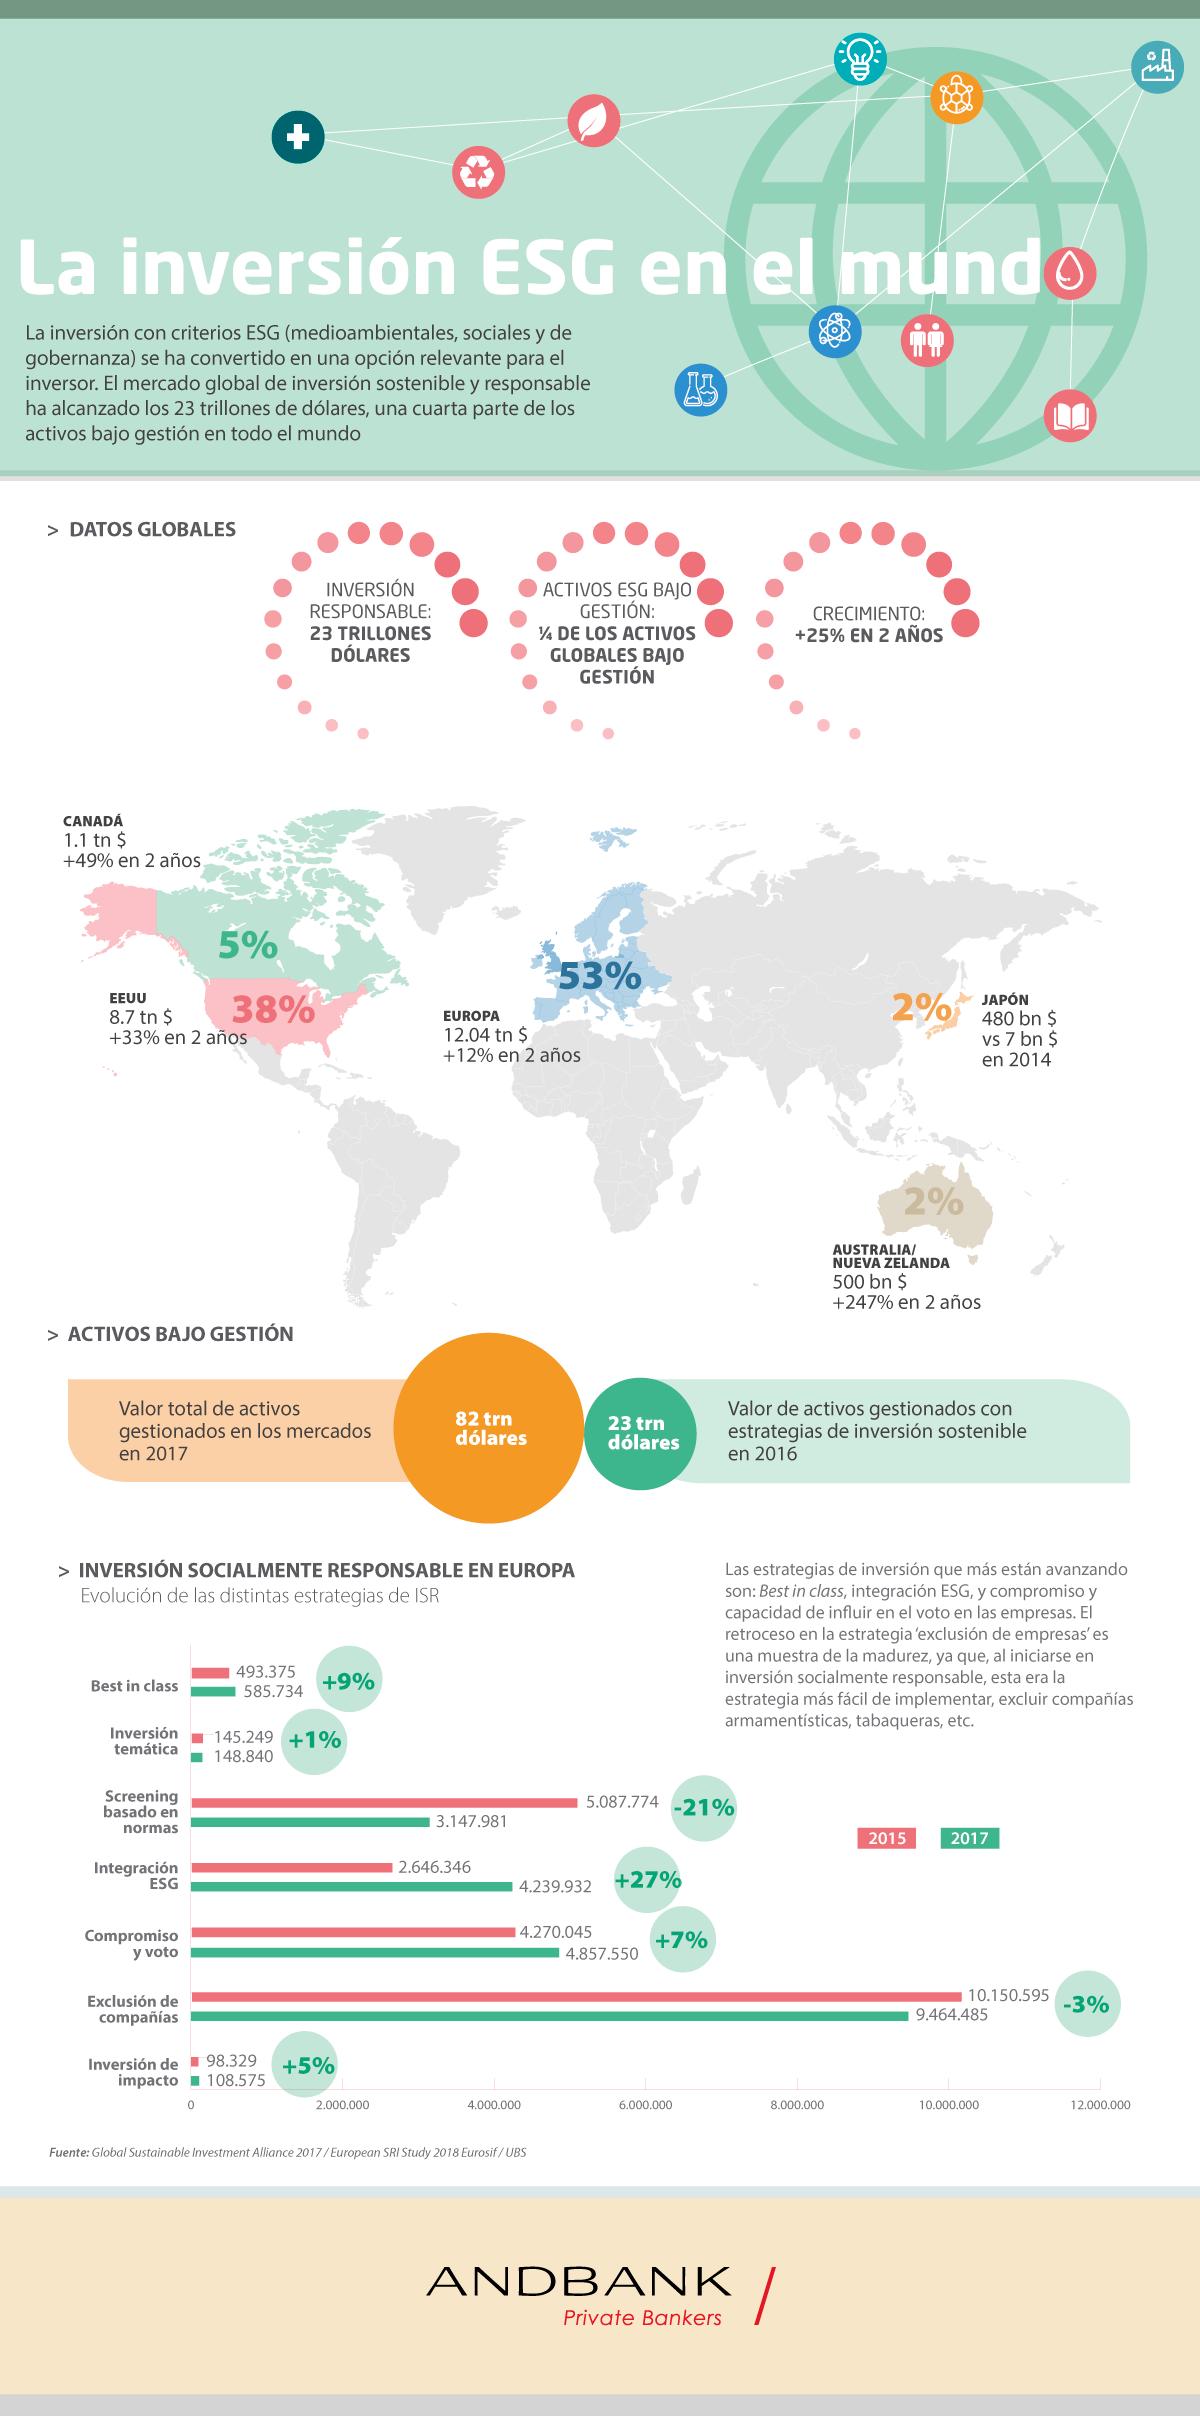 Andbank inversión ESG infografia